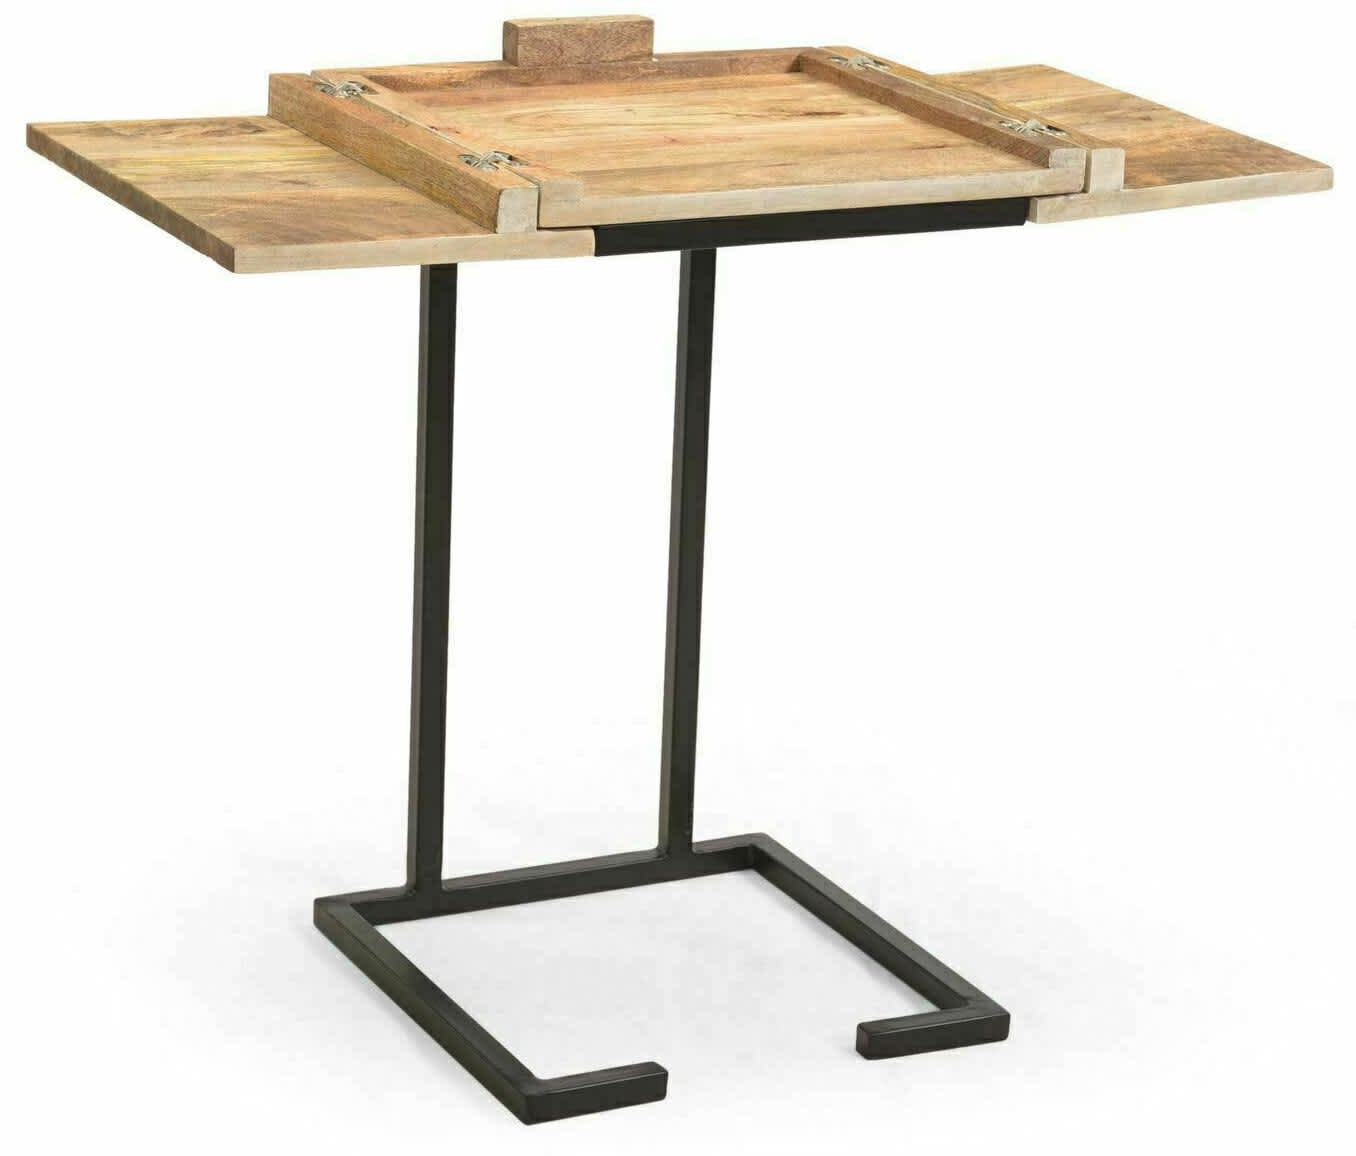 Akeema Industrial End Table